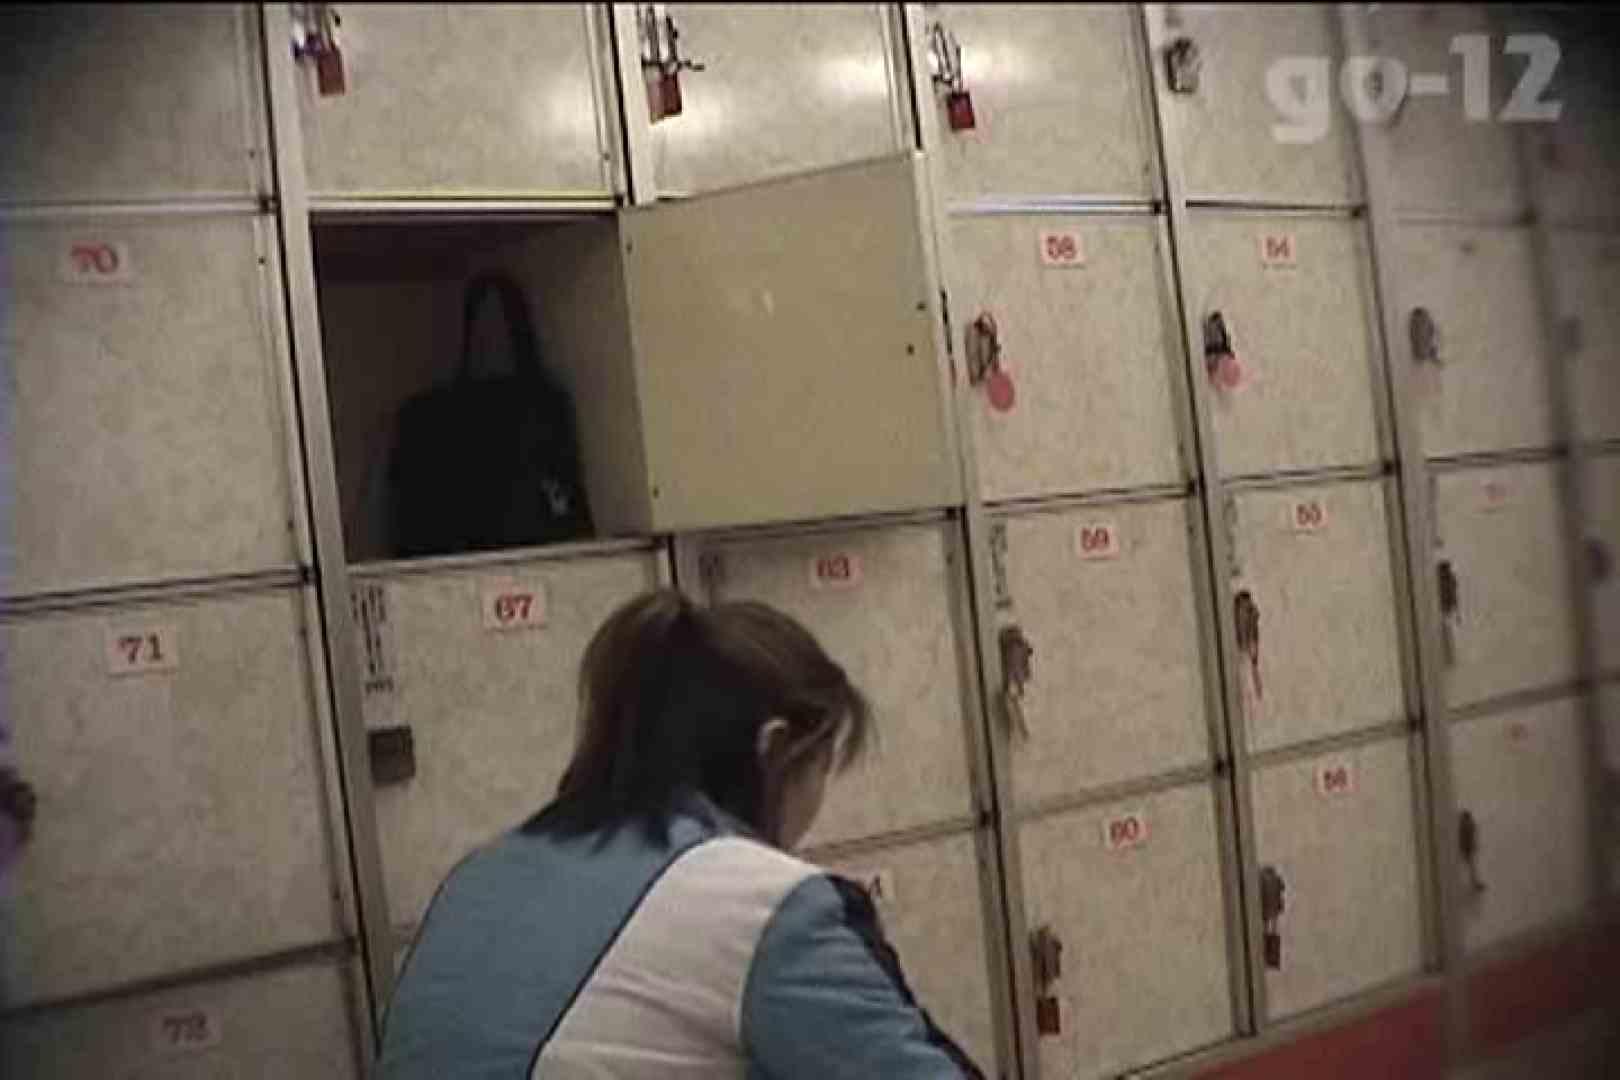 電波カメラ設置浴場からの防HAN映像 Vol.12